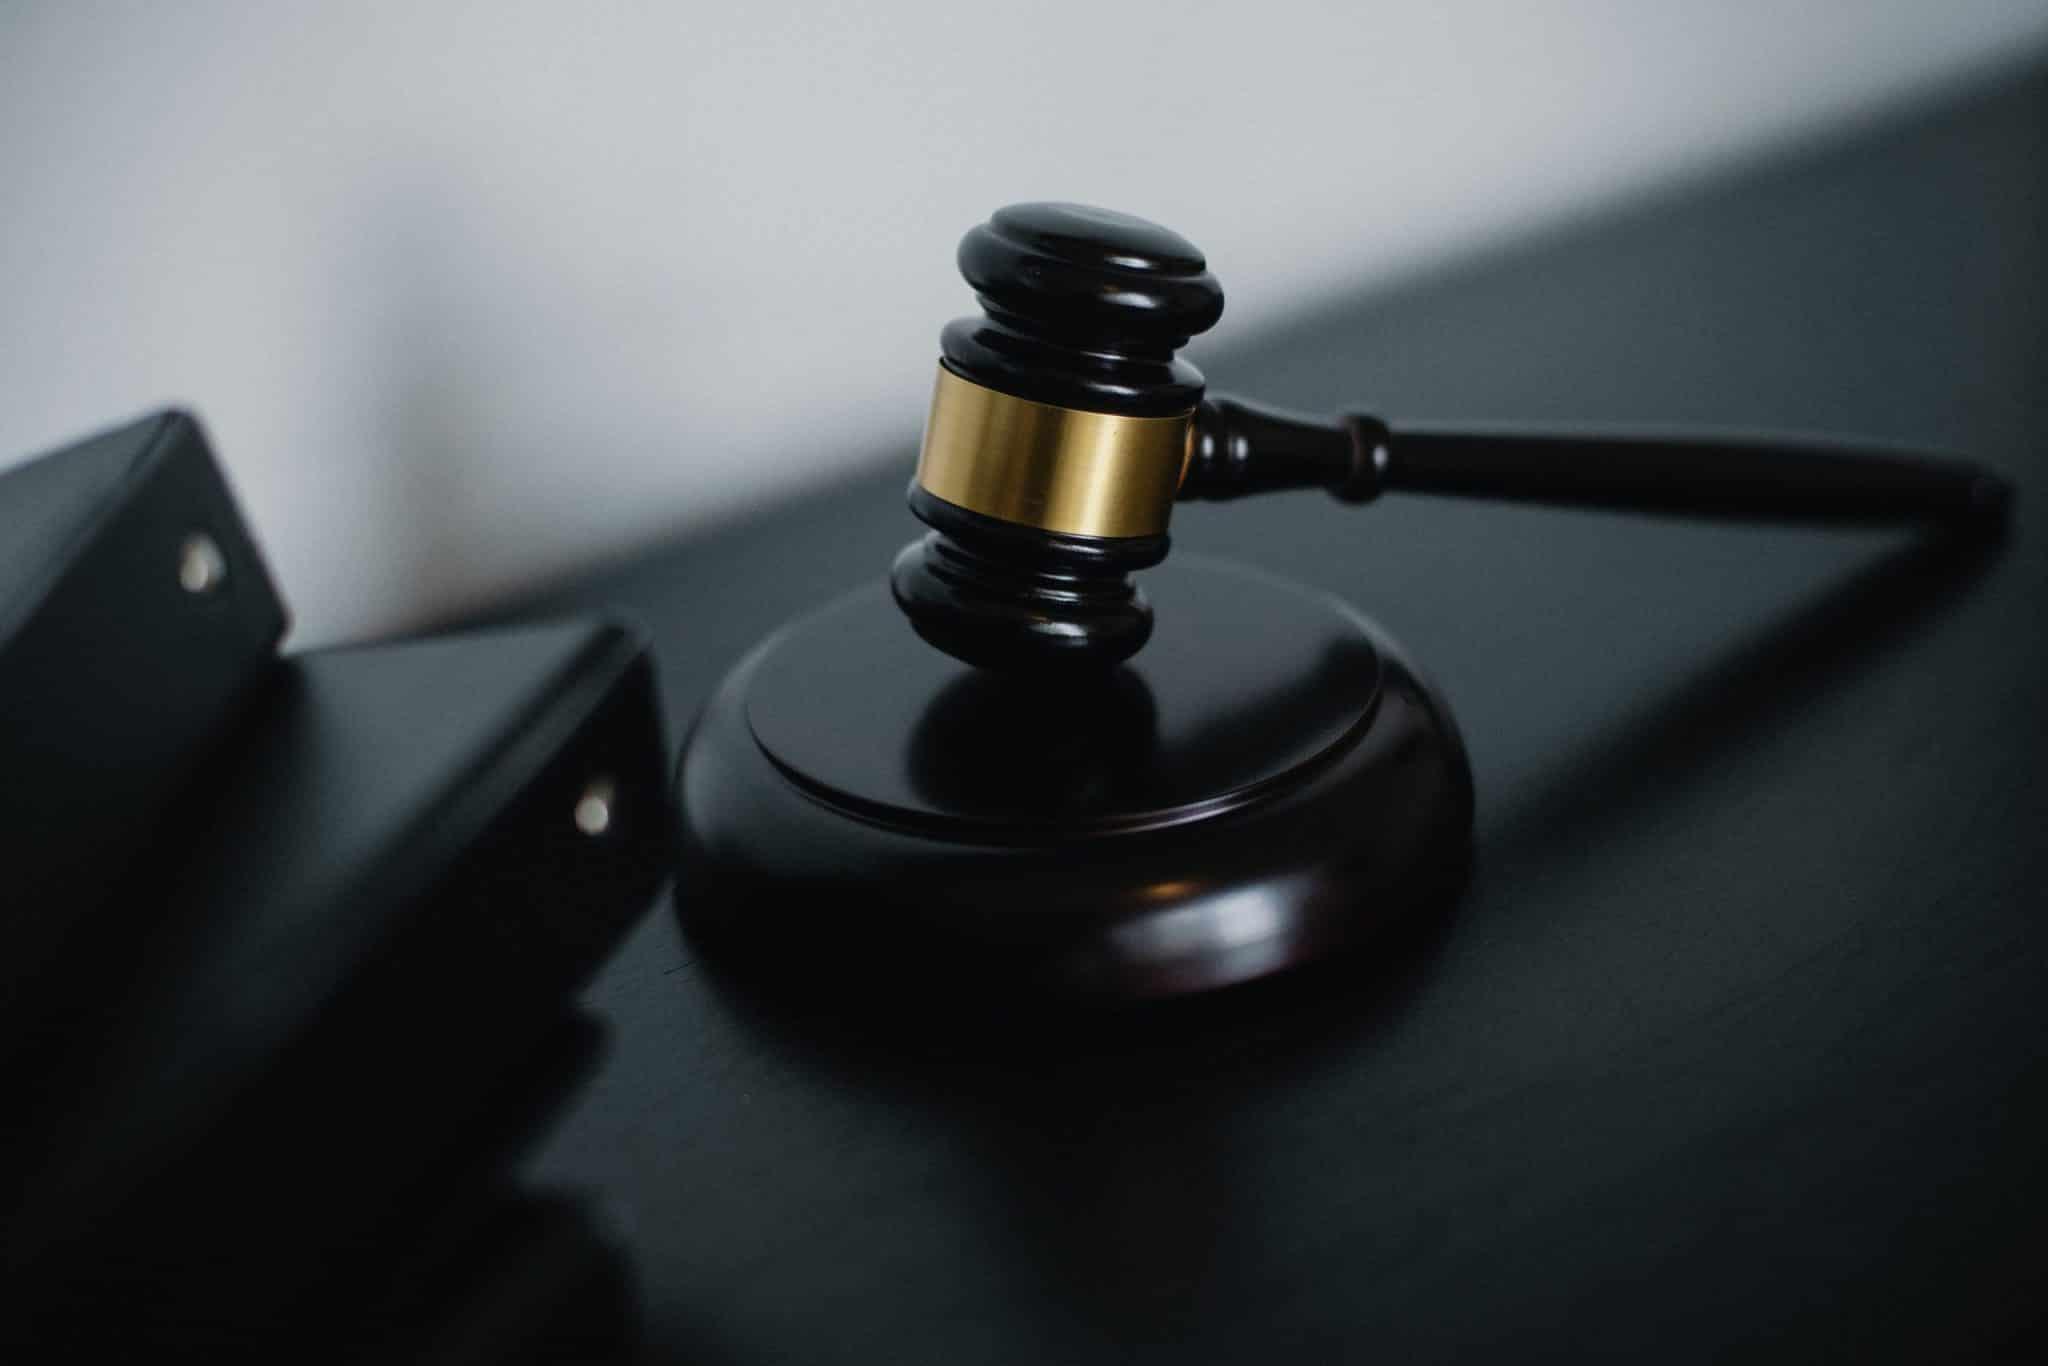 VOODOO SPELLS TO WIN A COURT CASE